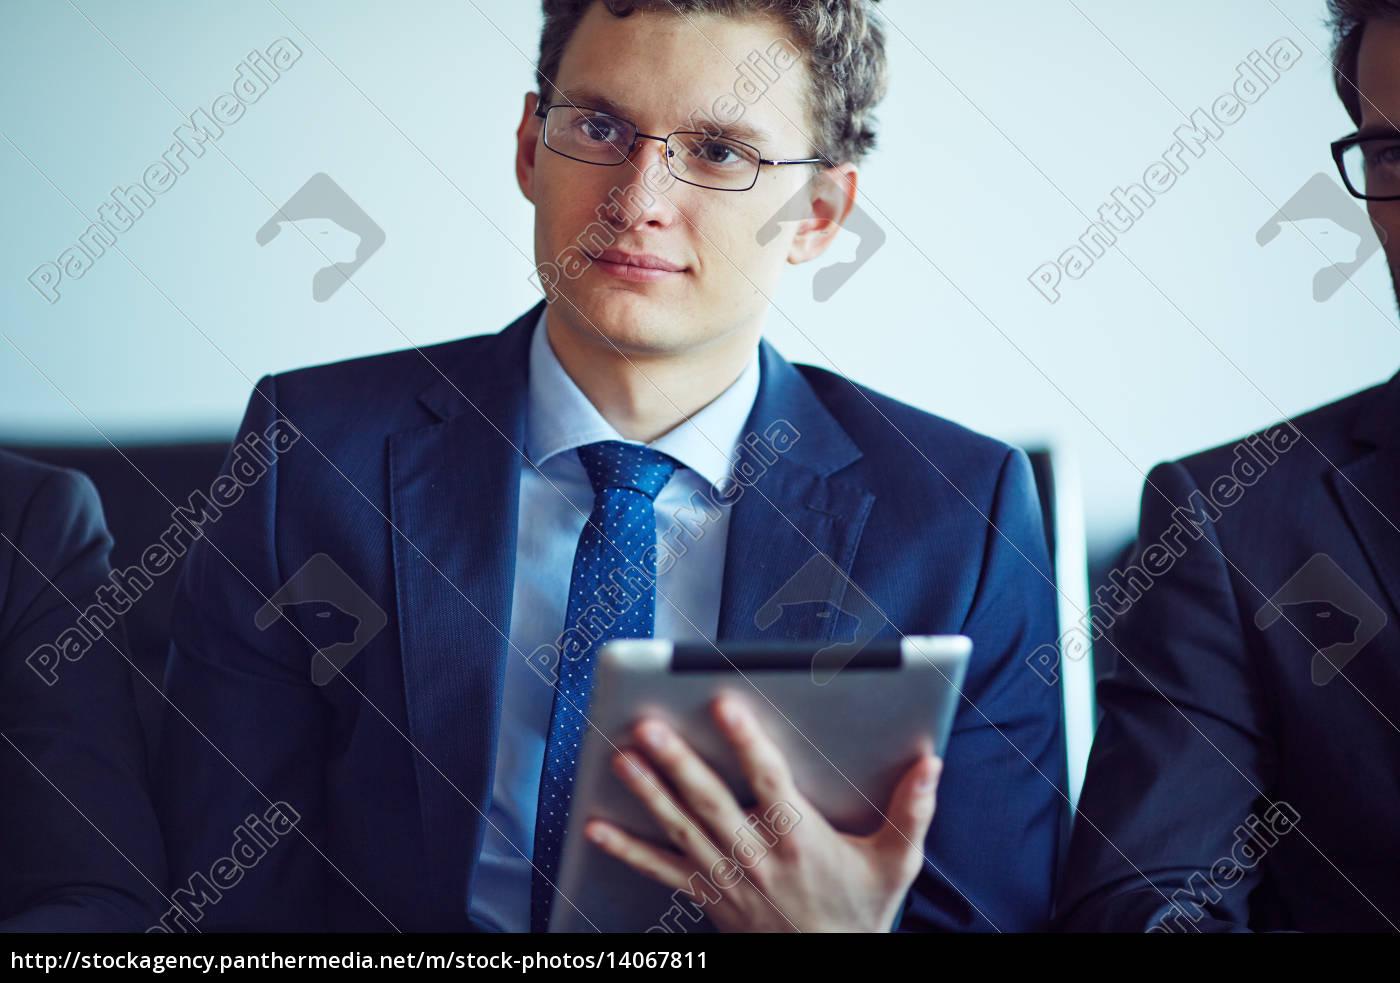 young, employee - 14067811